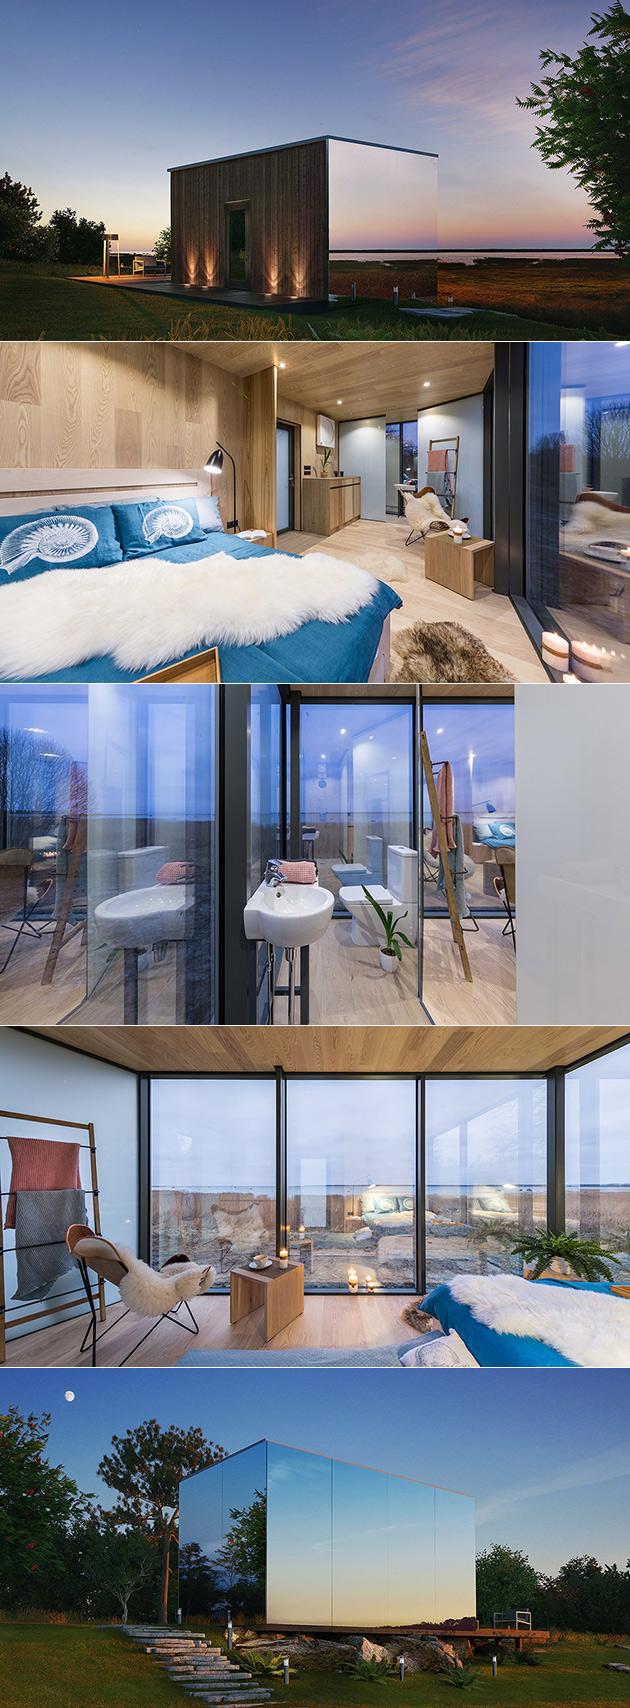 OOD Mirrored Room